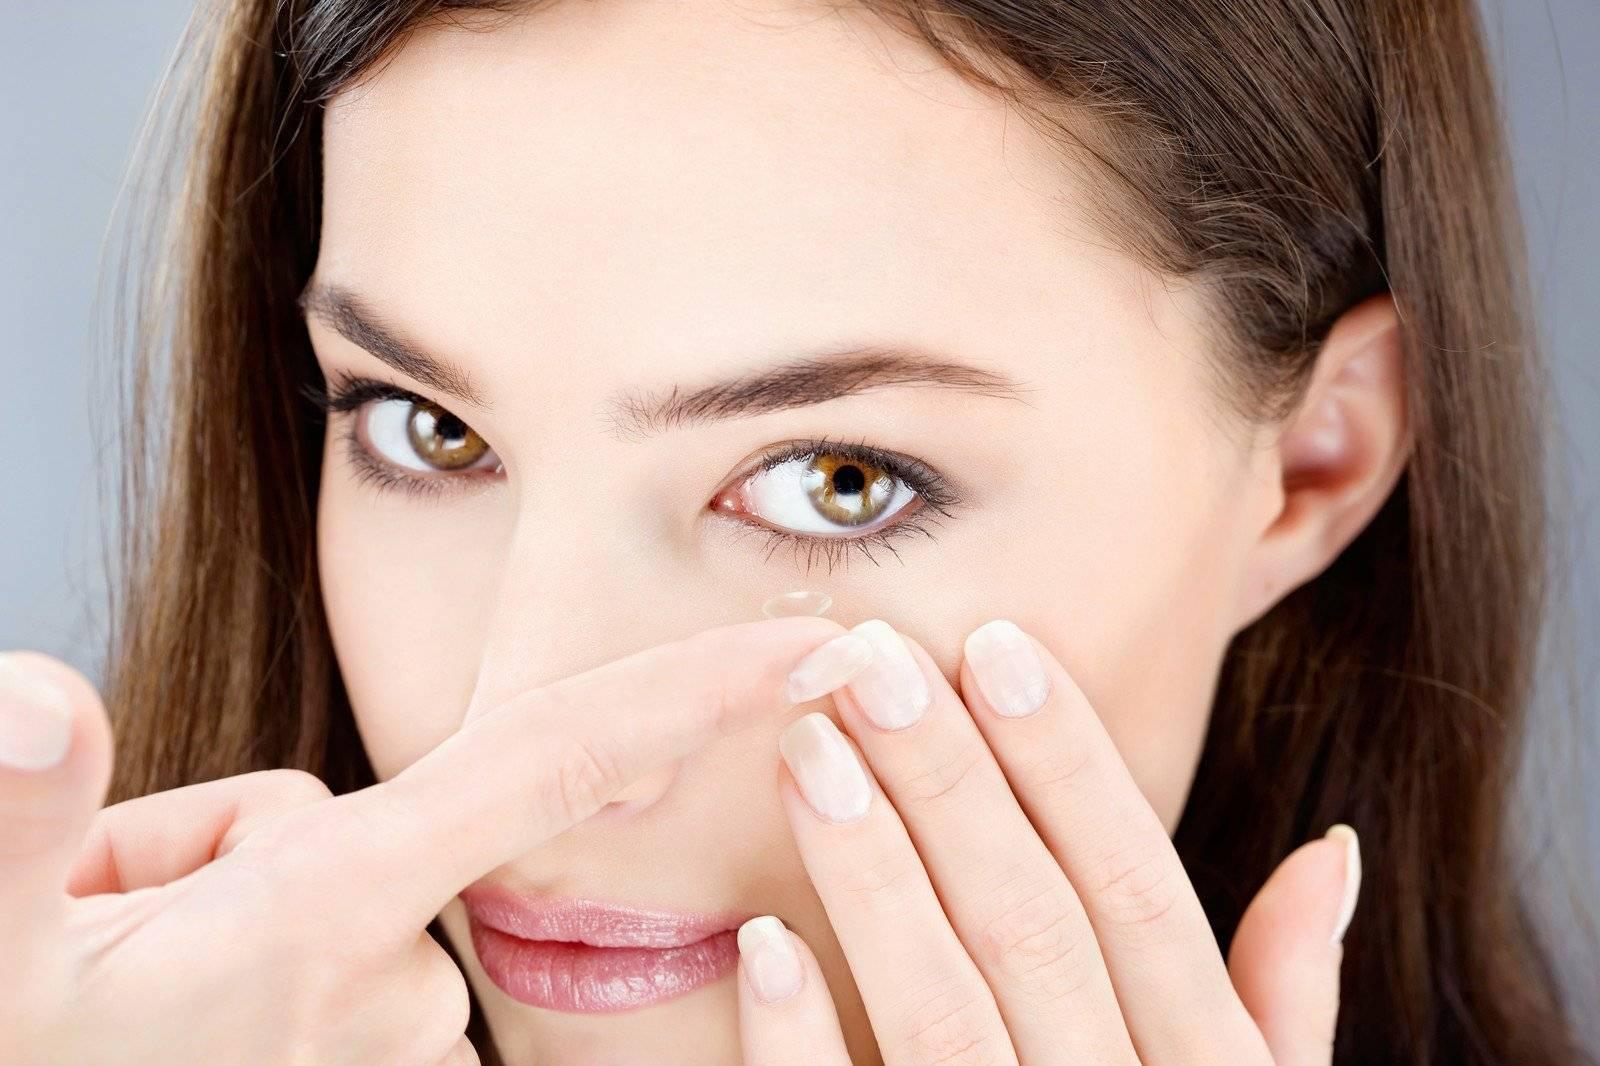 Как правильно носить контактные линзы: уход за линзами и глазами. как носить линзы